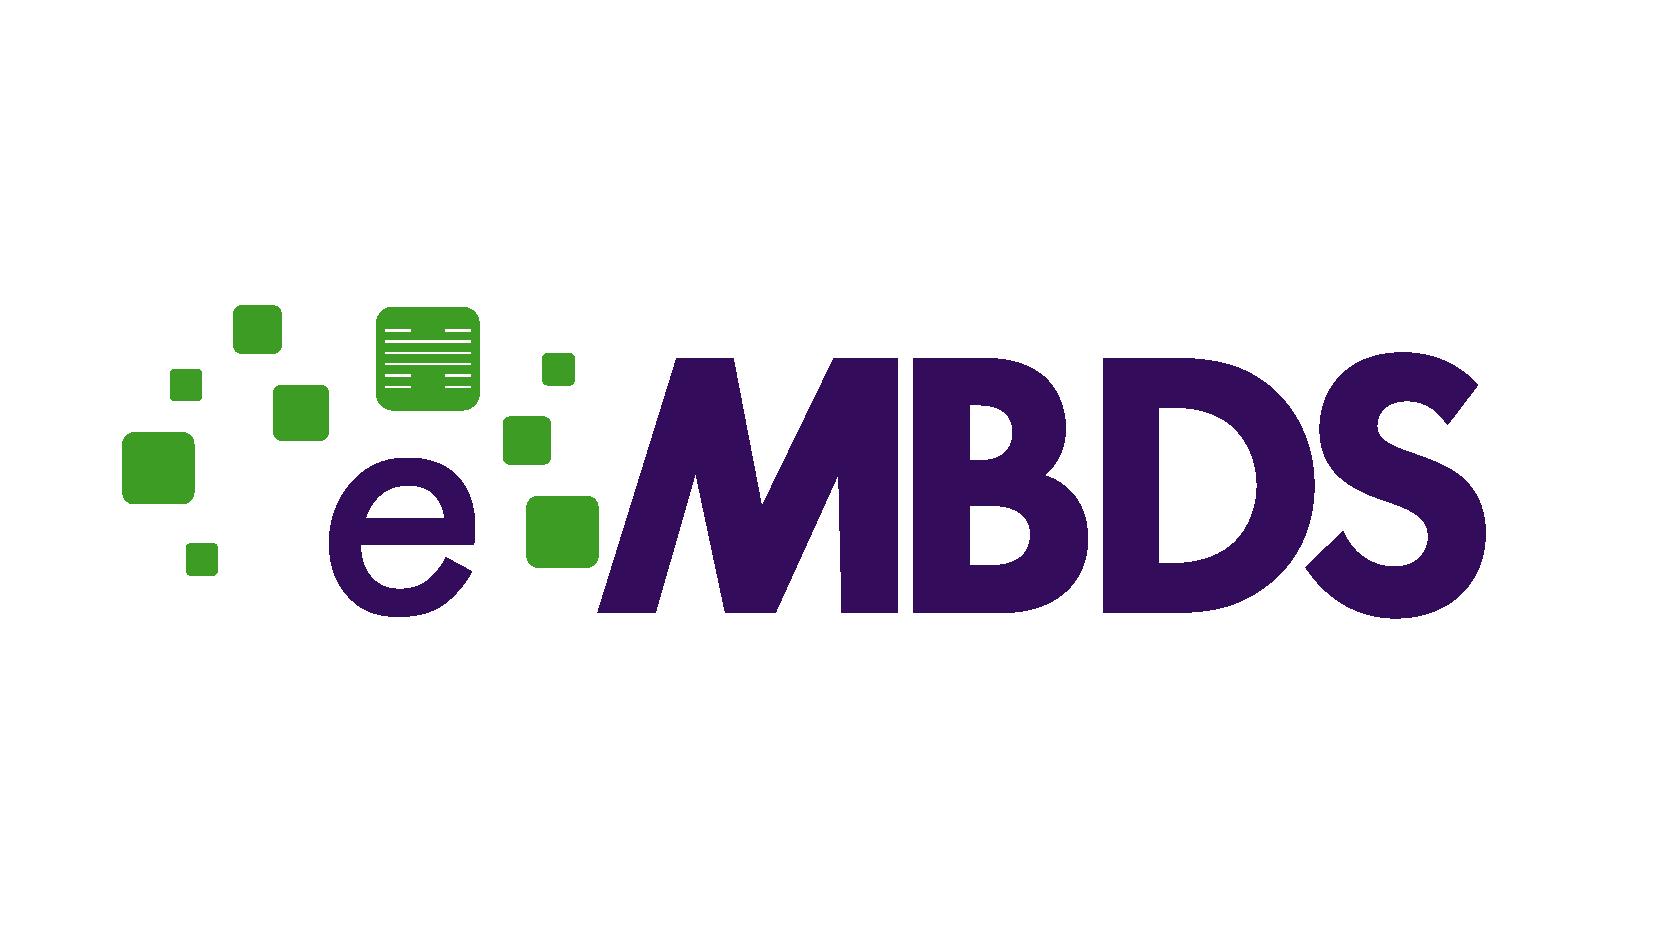 embds_logo